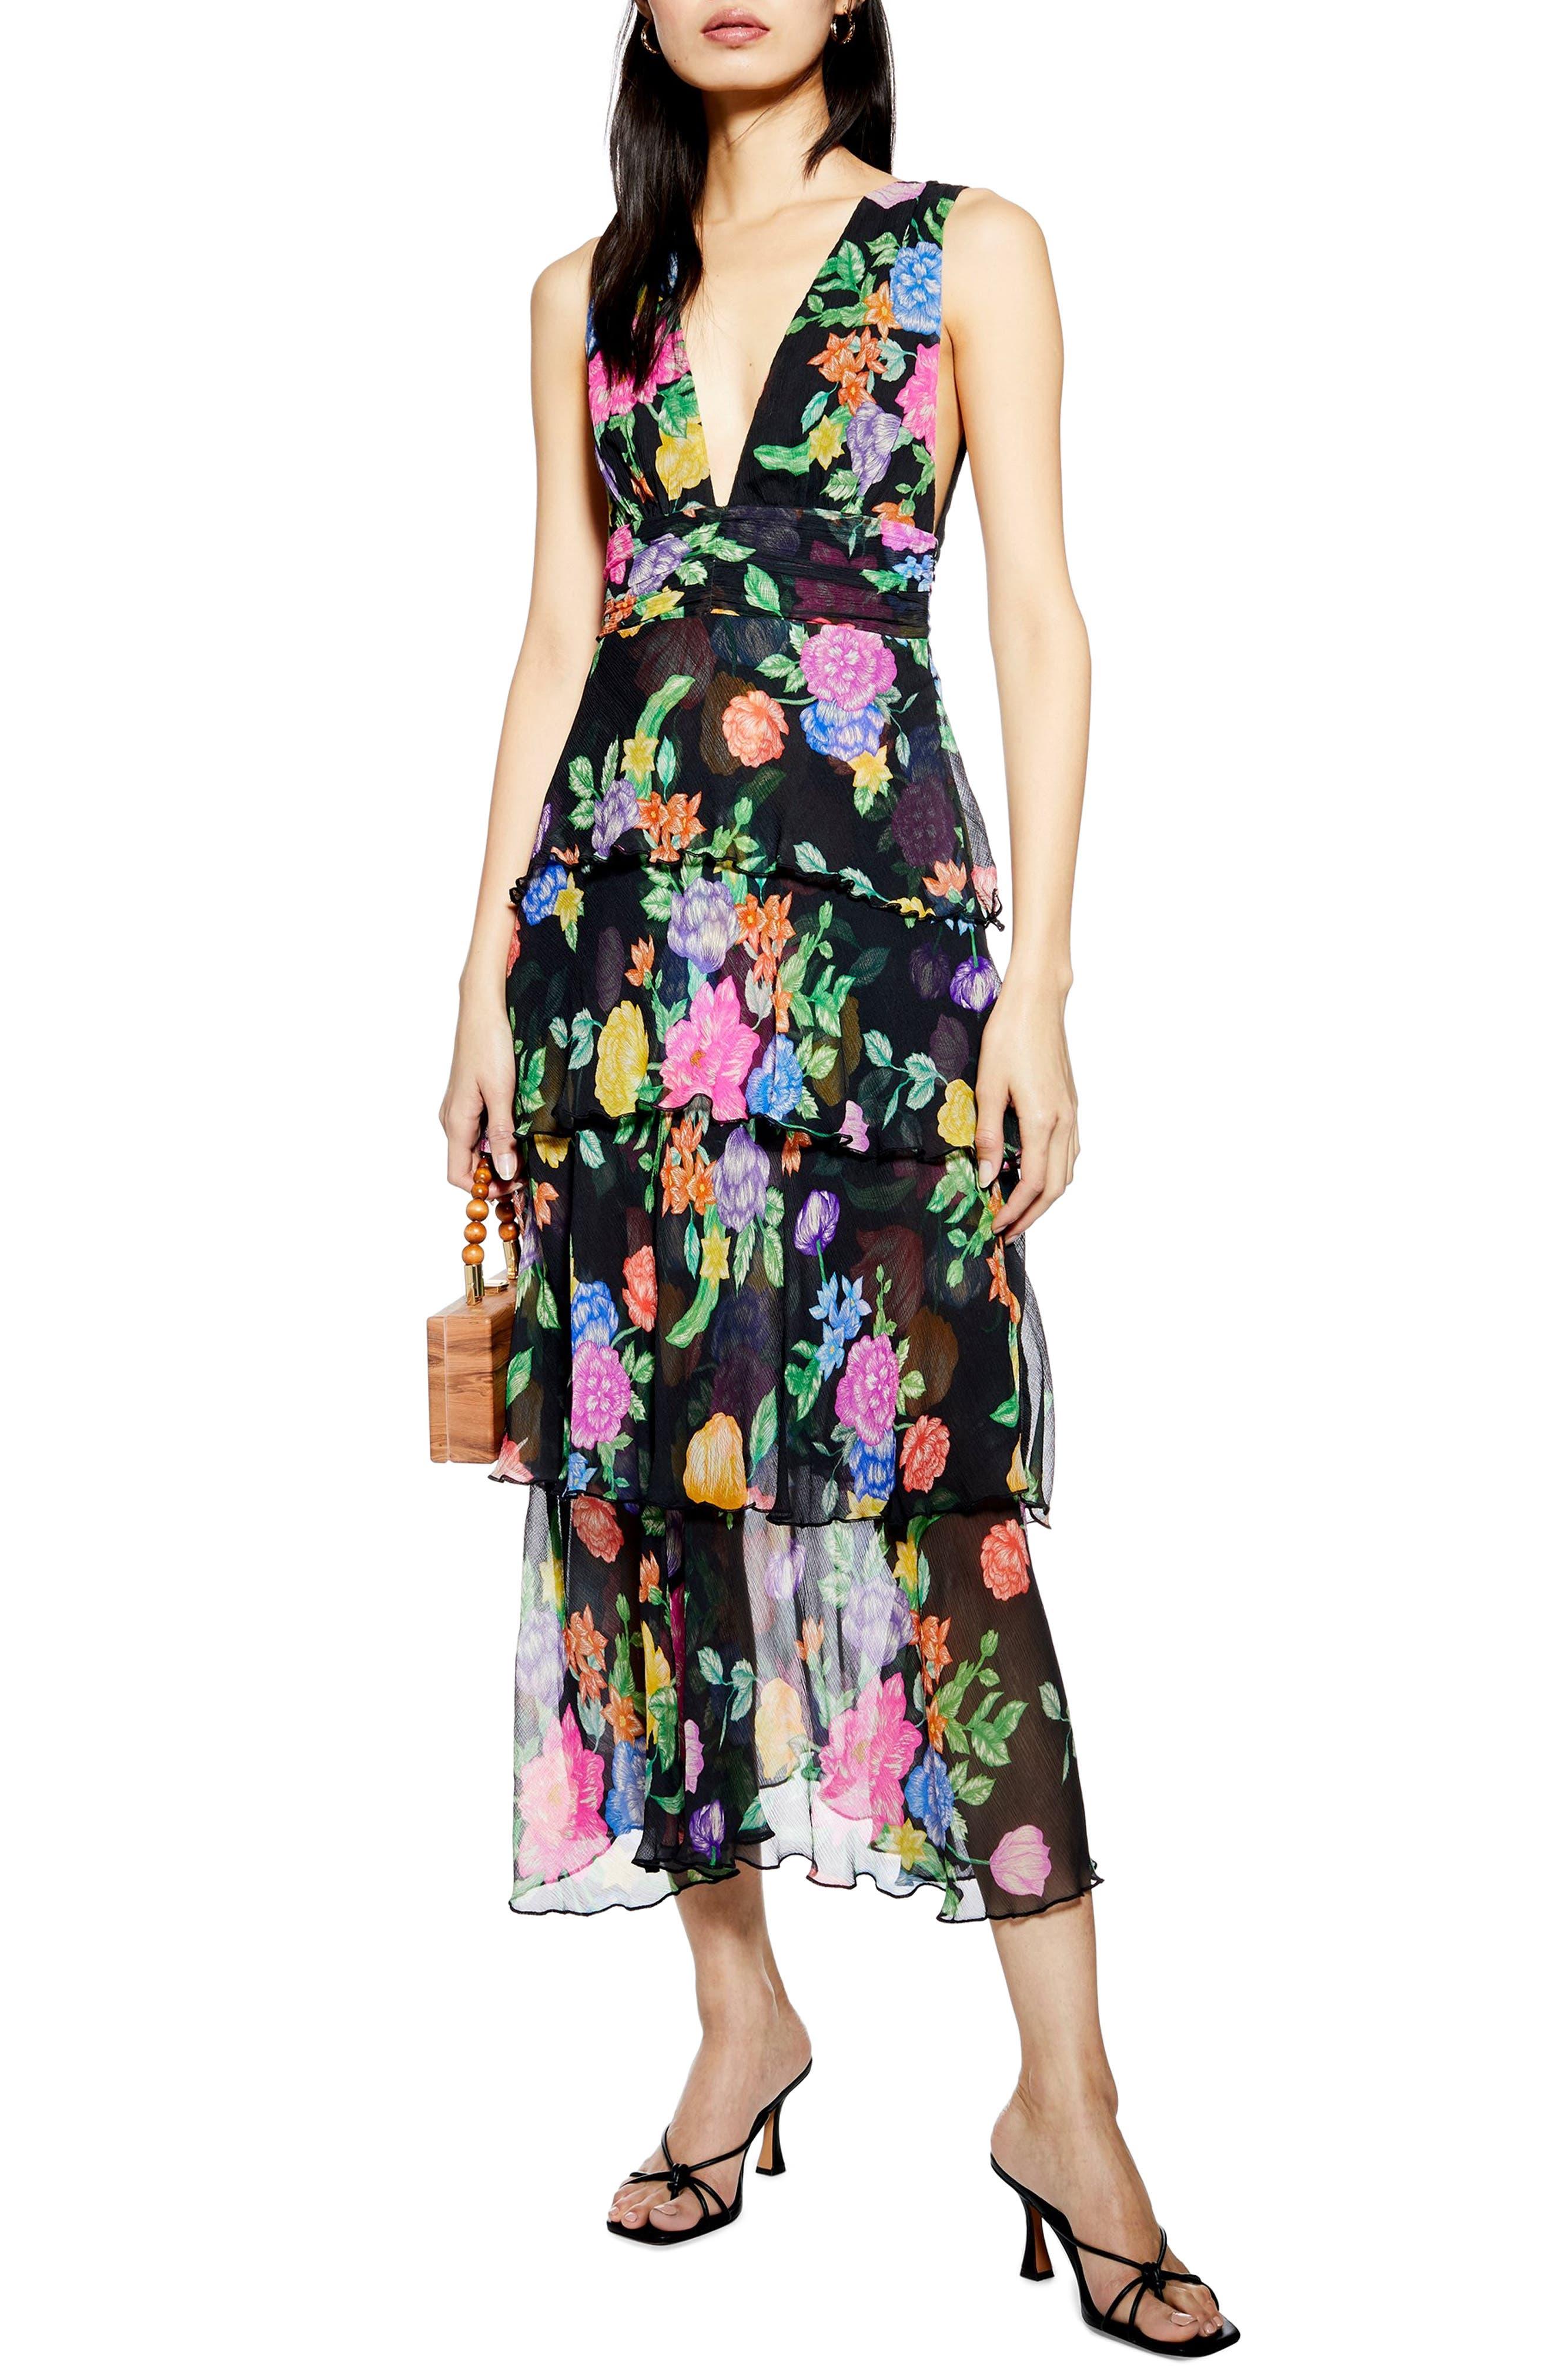 Topshop Freida Floral Pinafore Maxi Dress, US (fits like 2-4) - Black